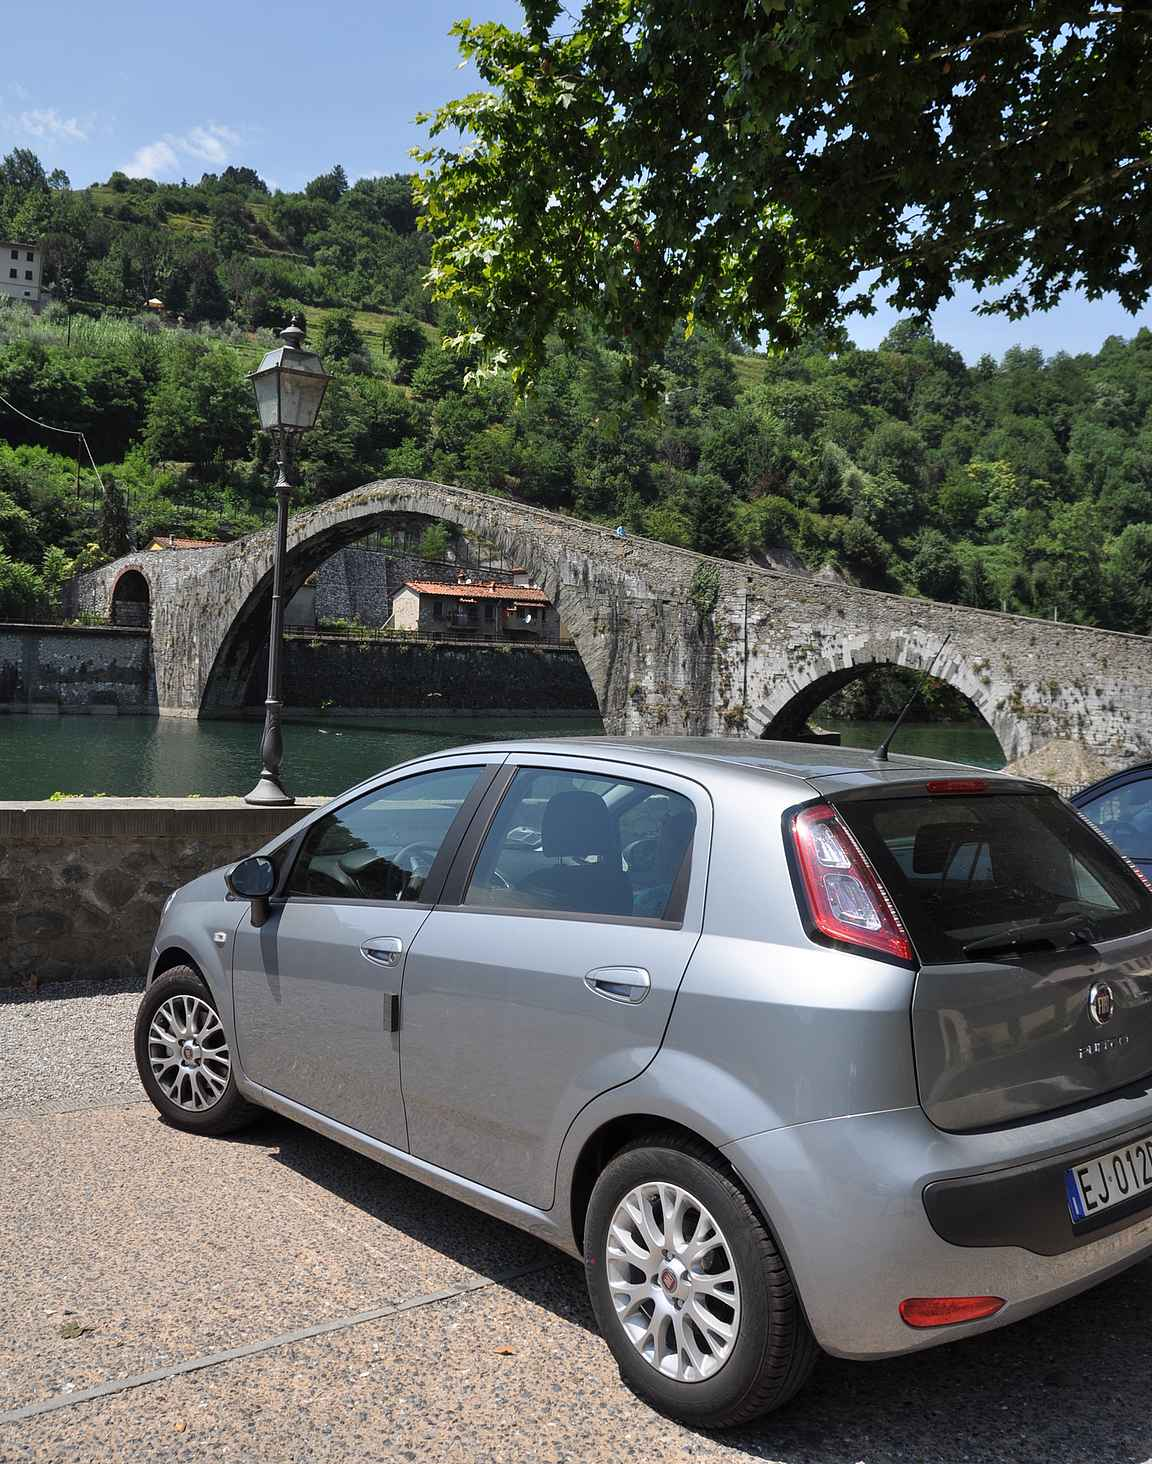 Luccasta hieman pohjoiseen löytyy paholaisen silta (Ponte della Maddalena - Ponte del Diavolo).